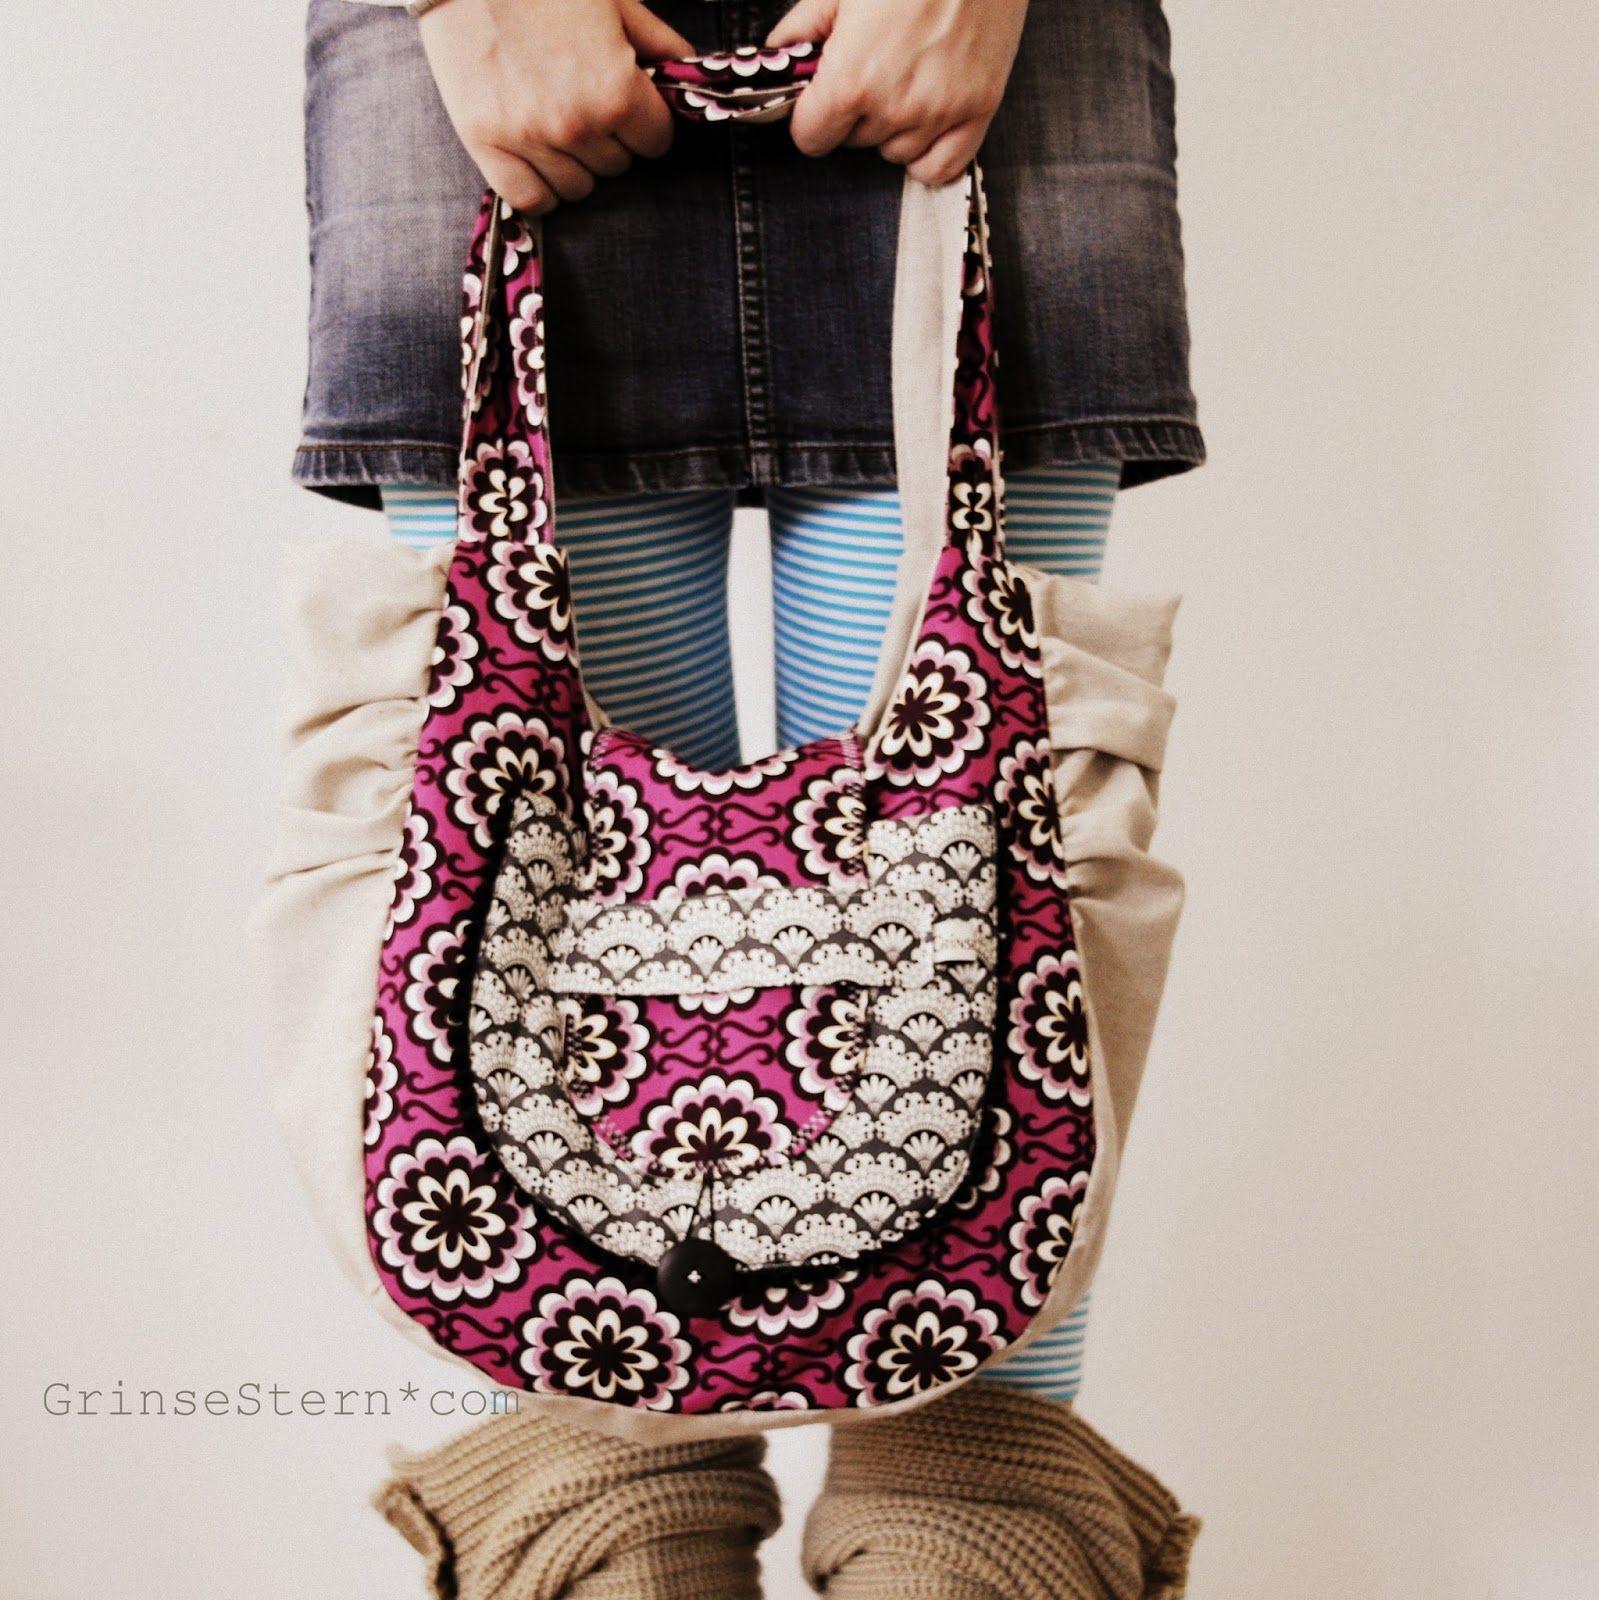 big beach bag | Taschen nähen | Pinterest | Taschen nähen und Nähen